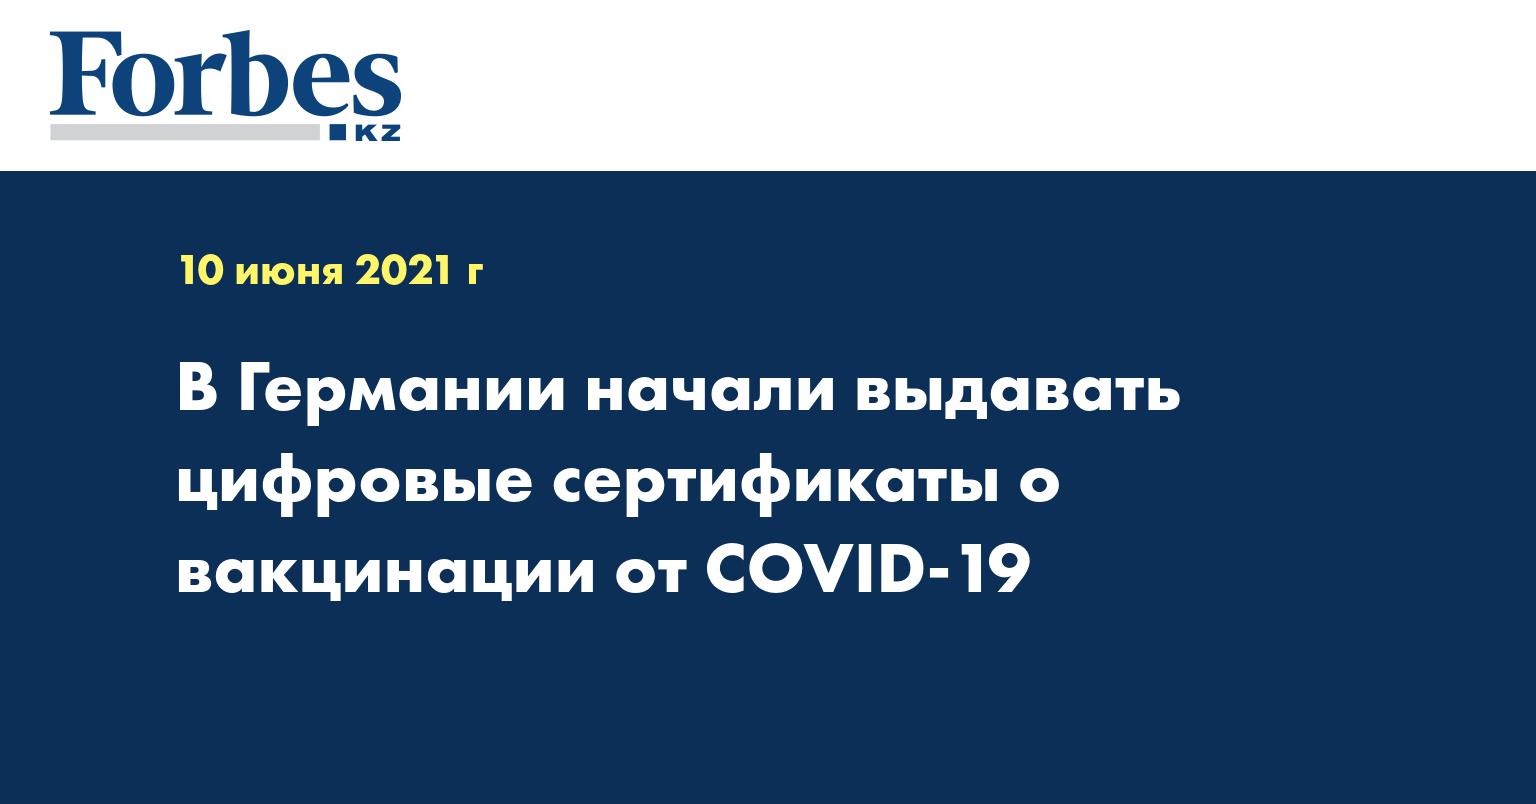 В Германии начали выдавать цифровые сертификаты о вакцинации от COVID-19